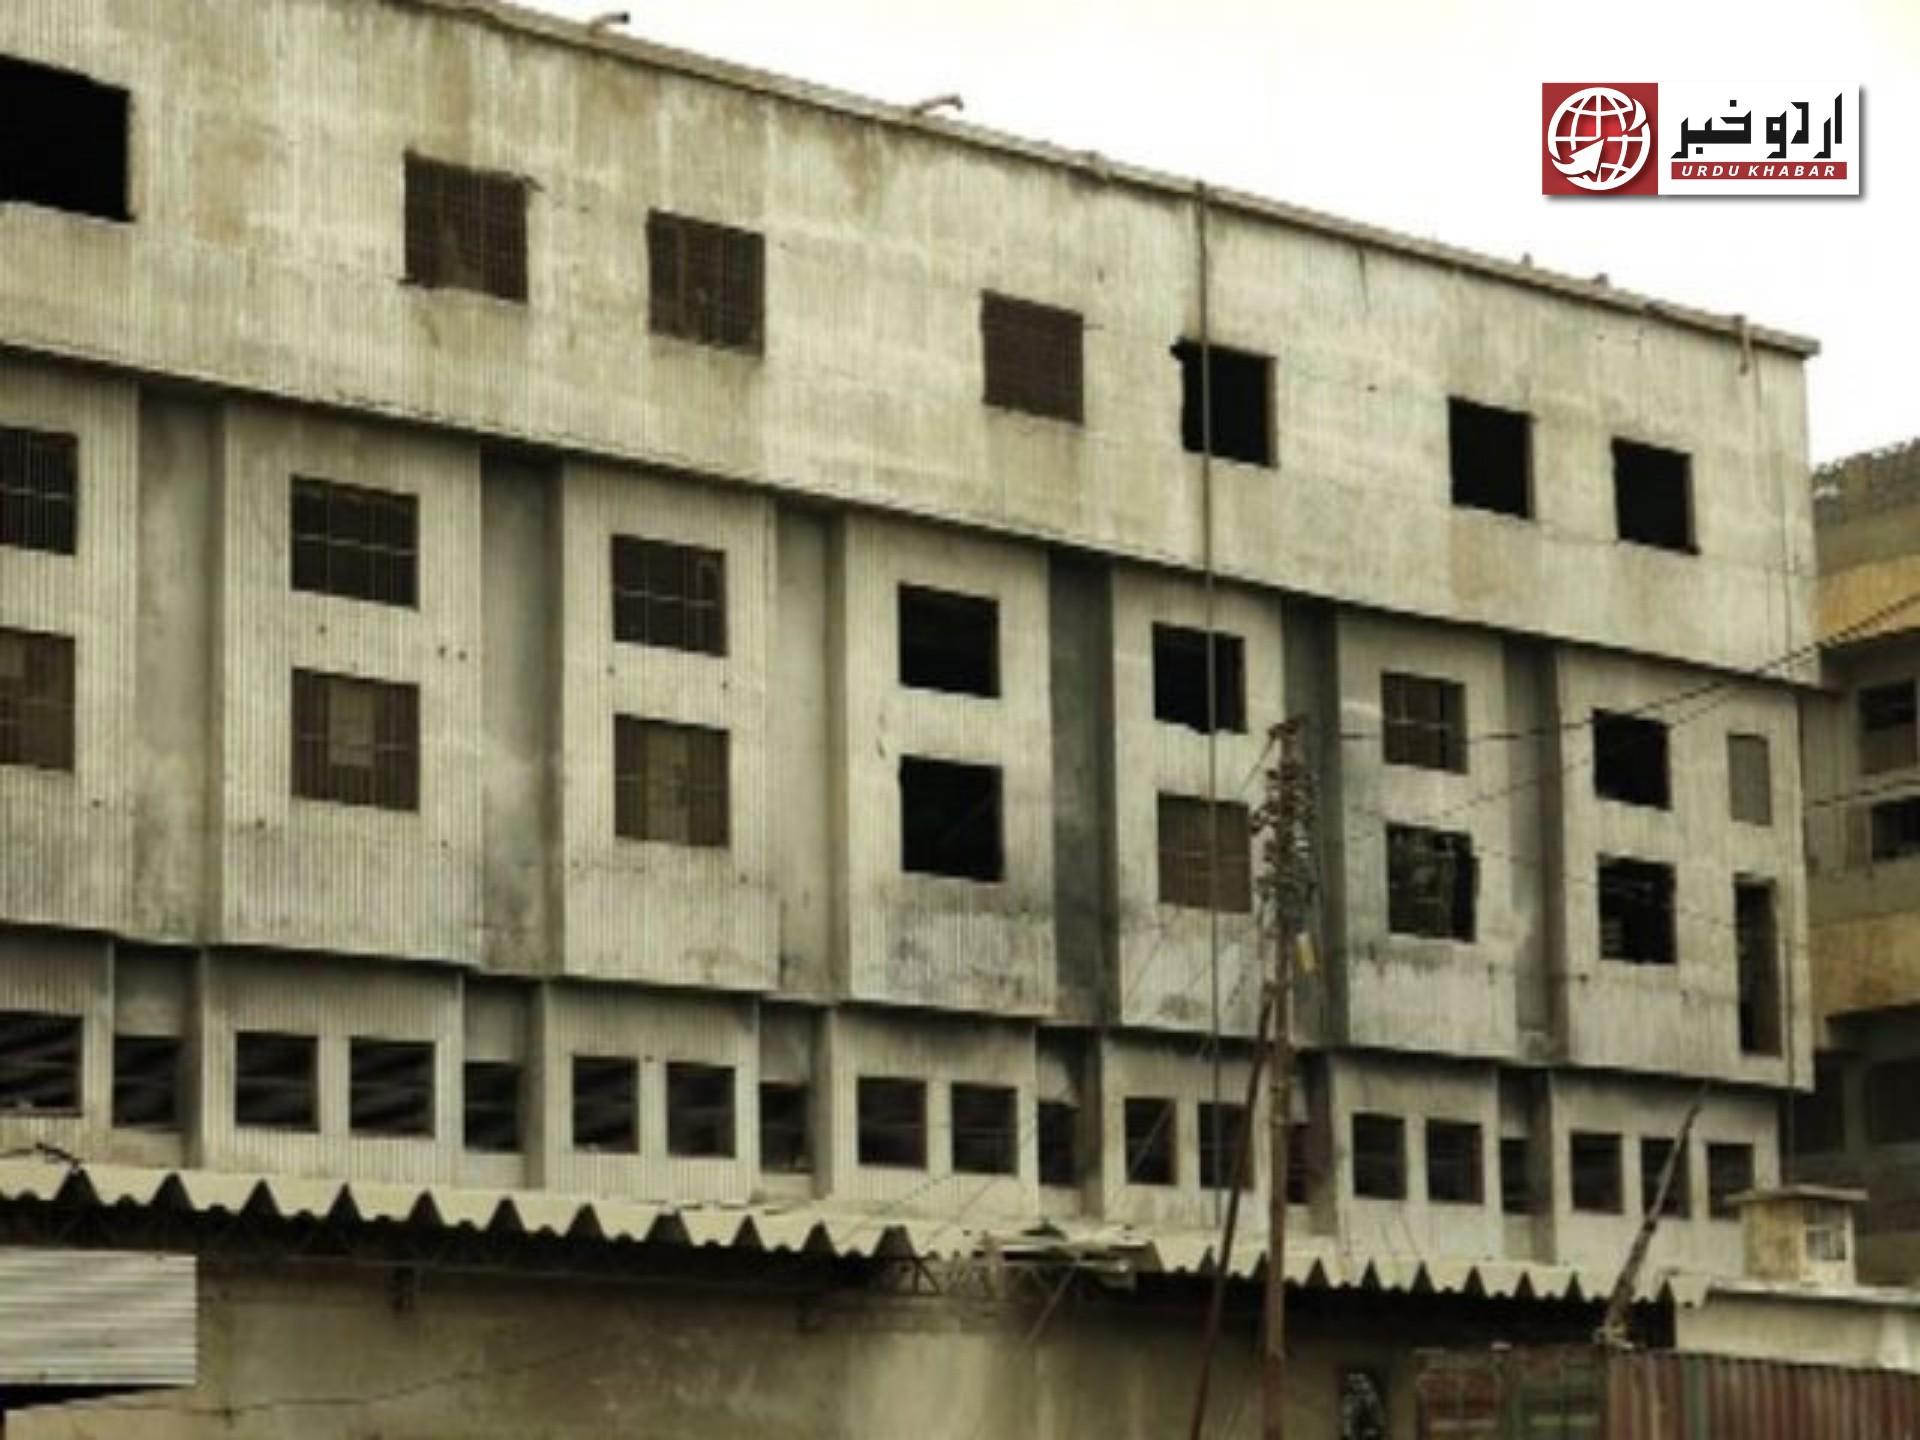 بلدیہ فیکٹری کو بھتہ نا دینے پر جلایا گیا، جے آئی ٹی رپورٹ